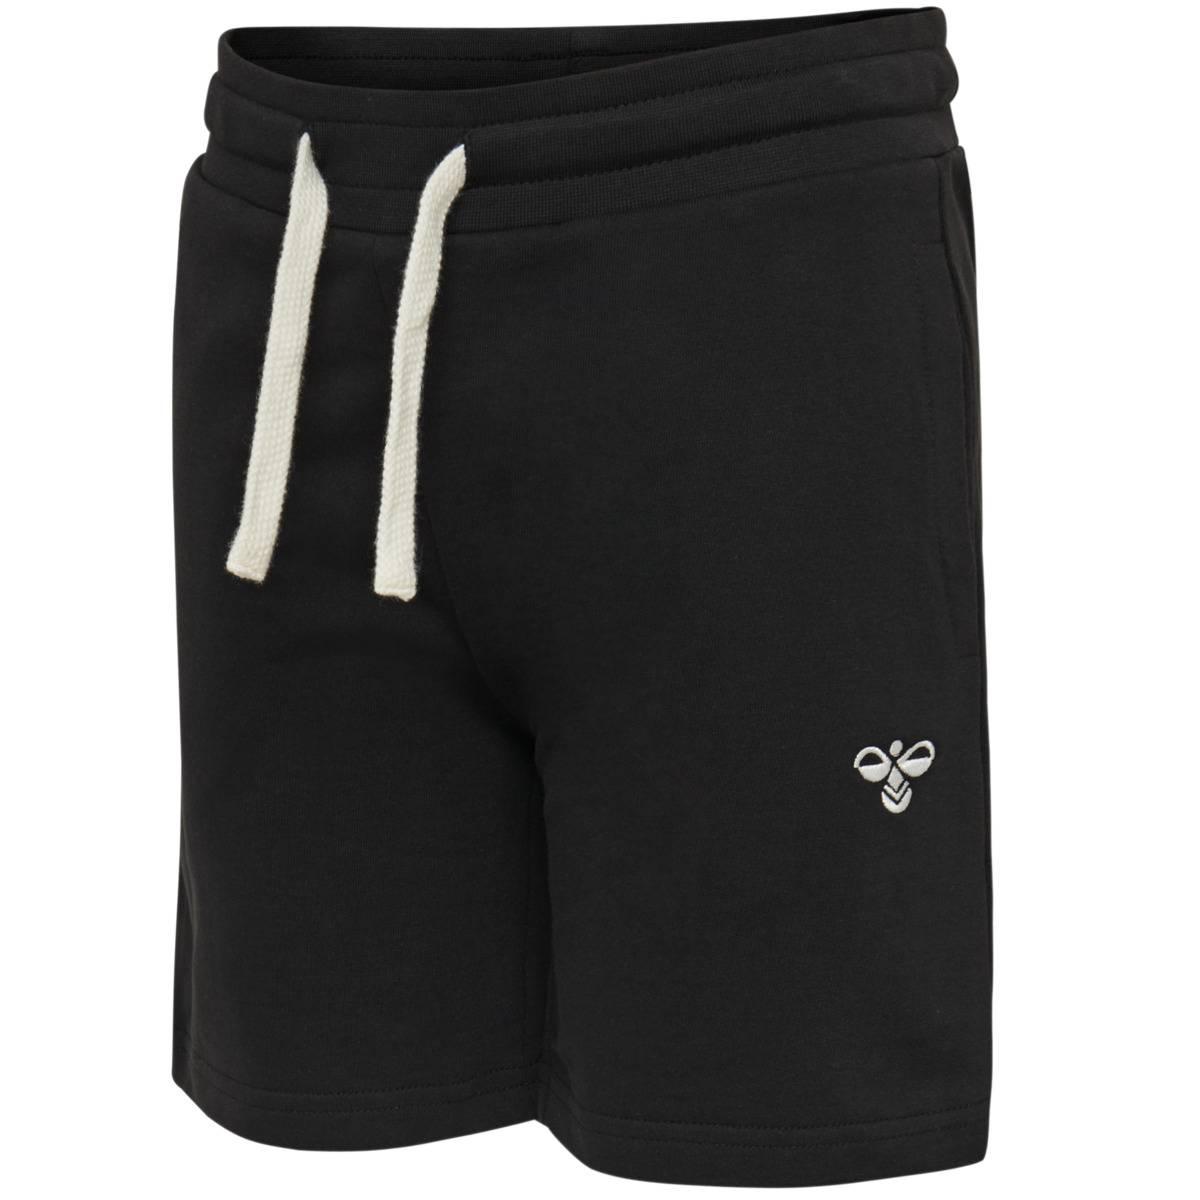 Hummel Bassim shorts - black